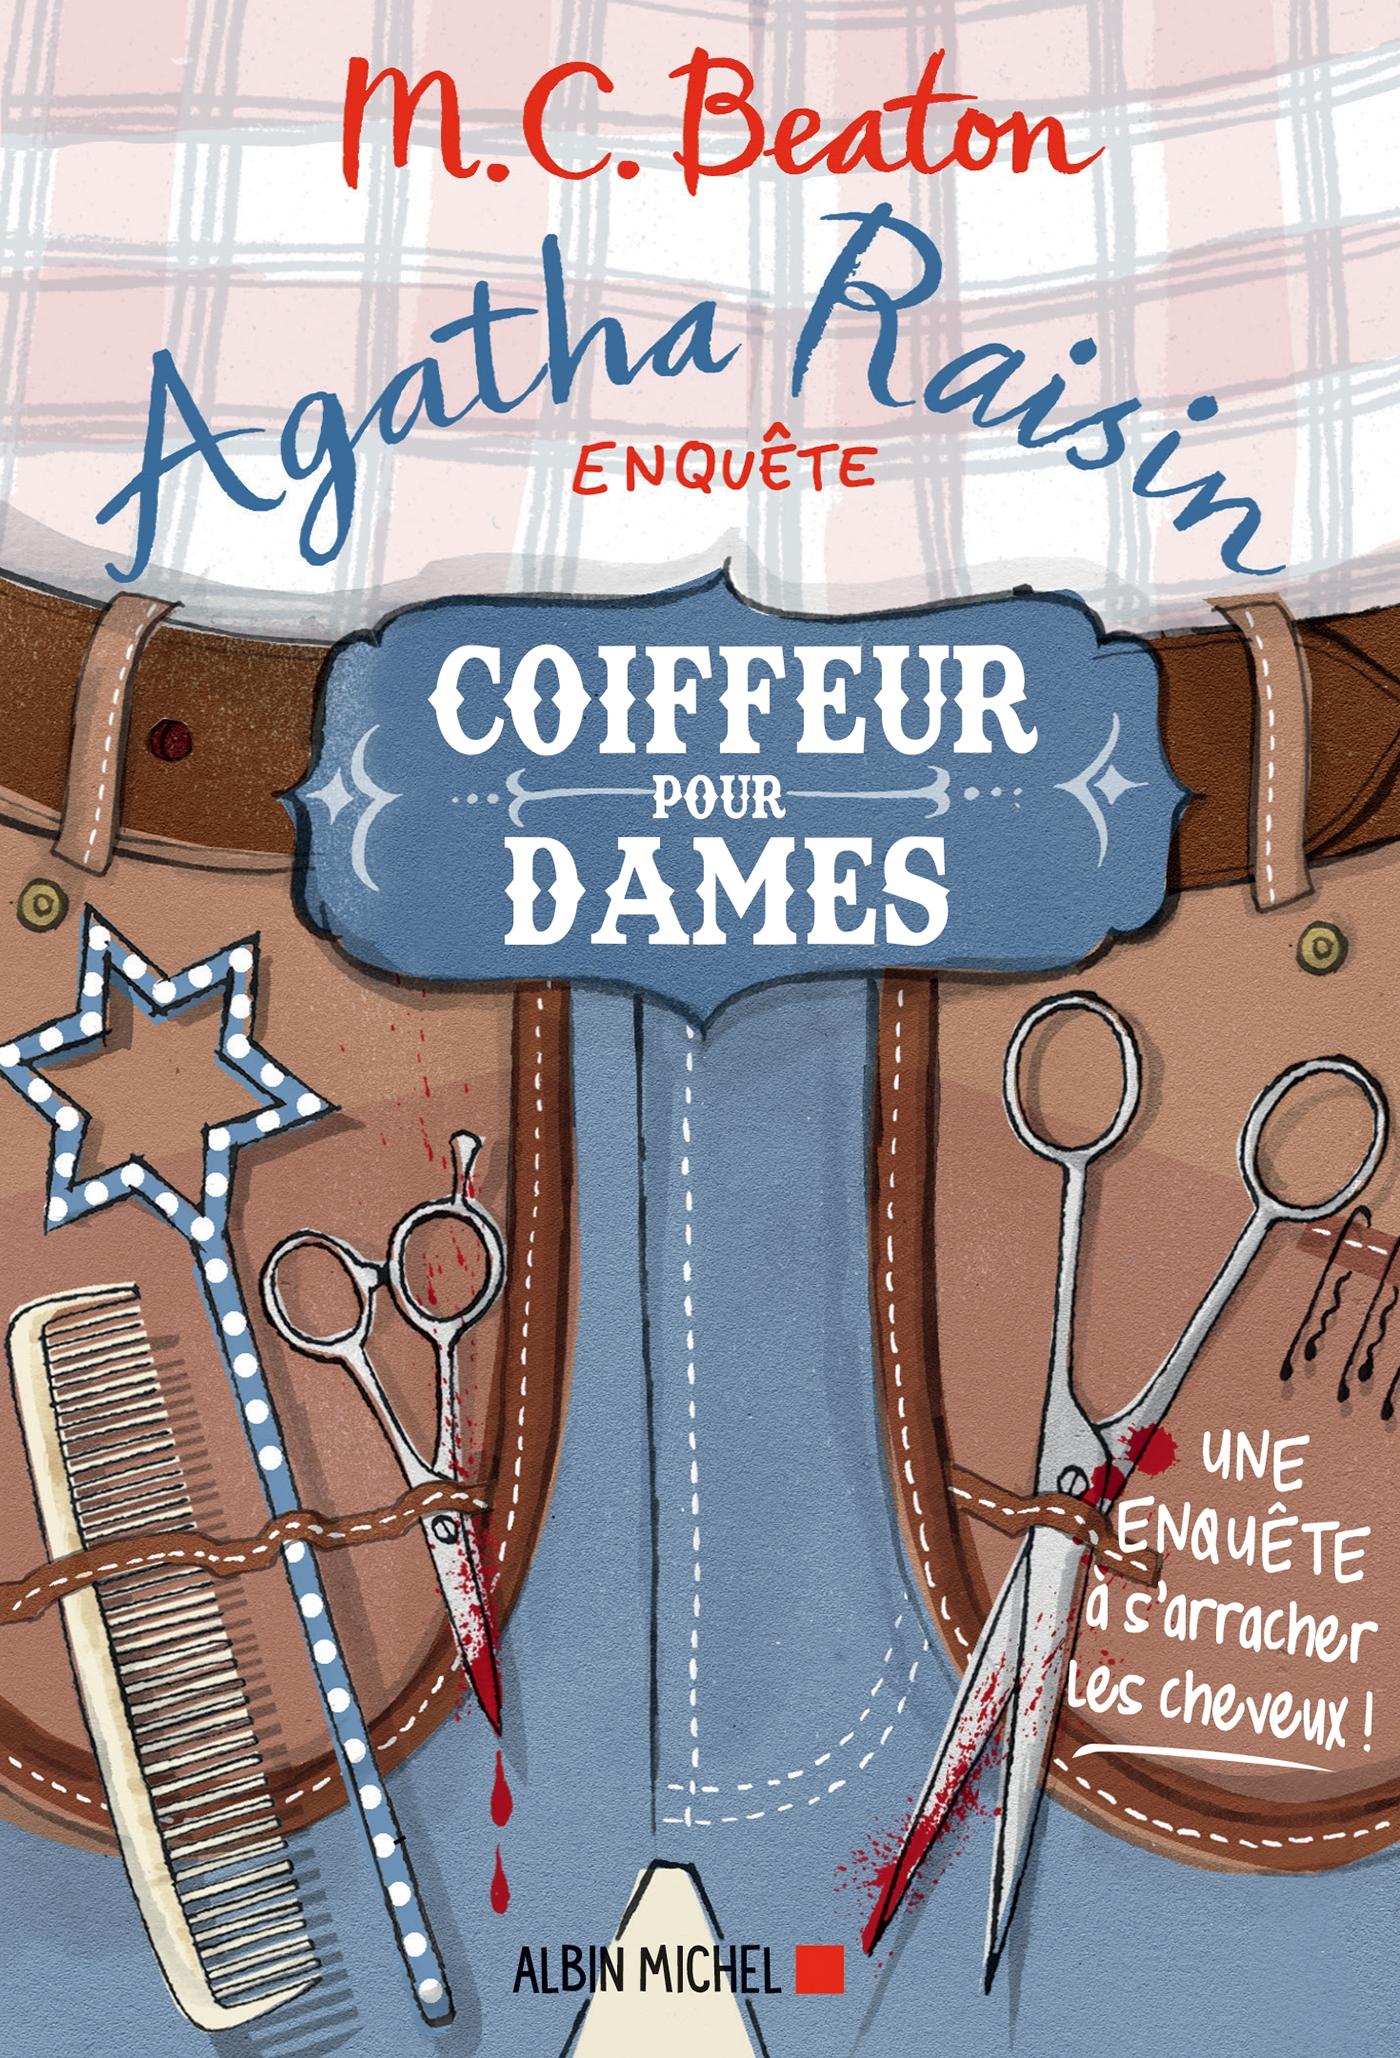 Agatha Raisin enquête 8 - Coiffeur pour dames |